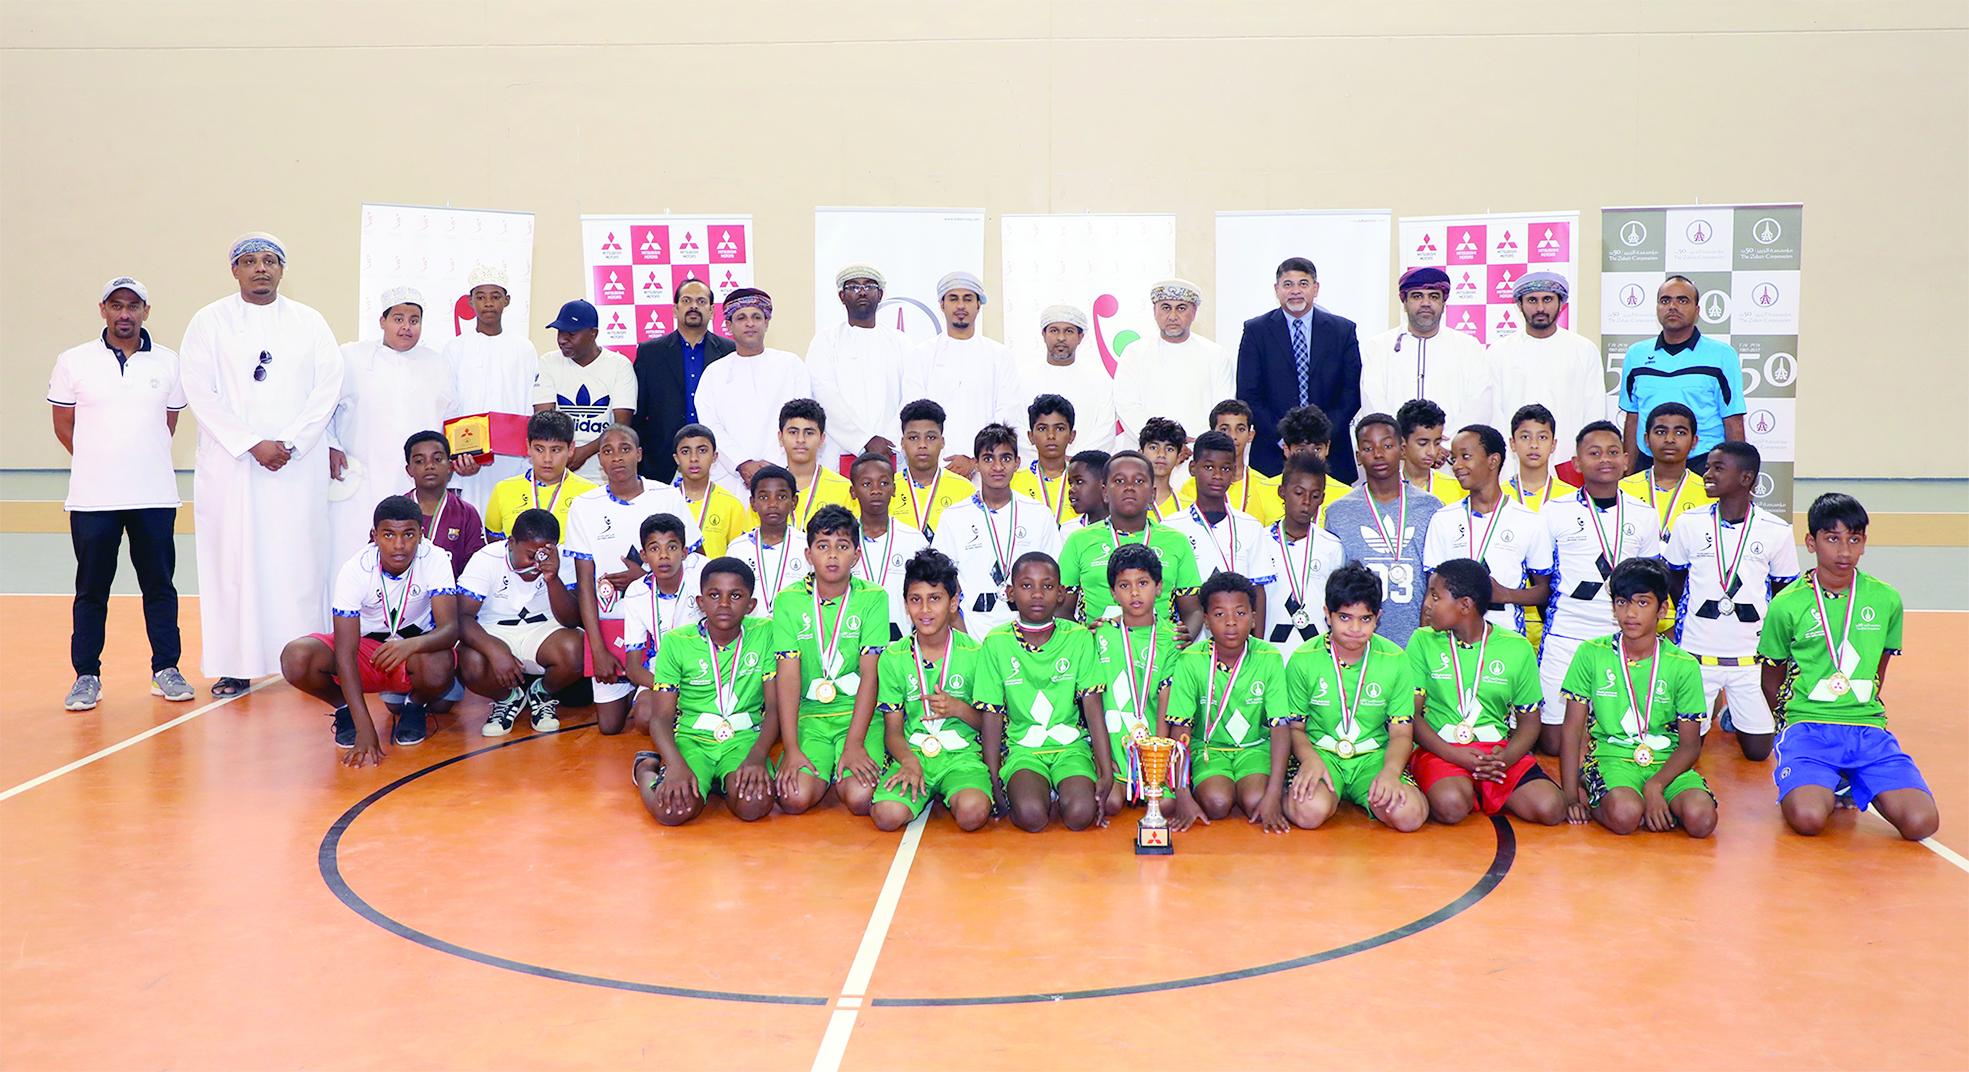 نظمت في إطار دعم «الزبير» للرياضة والشباباختتام فعاليات بطولة «ميتسوبيشي» المدرسية لكرة اليد